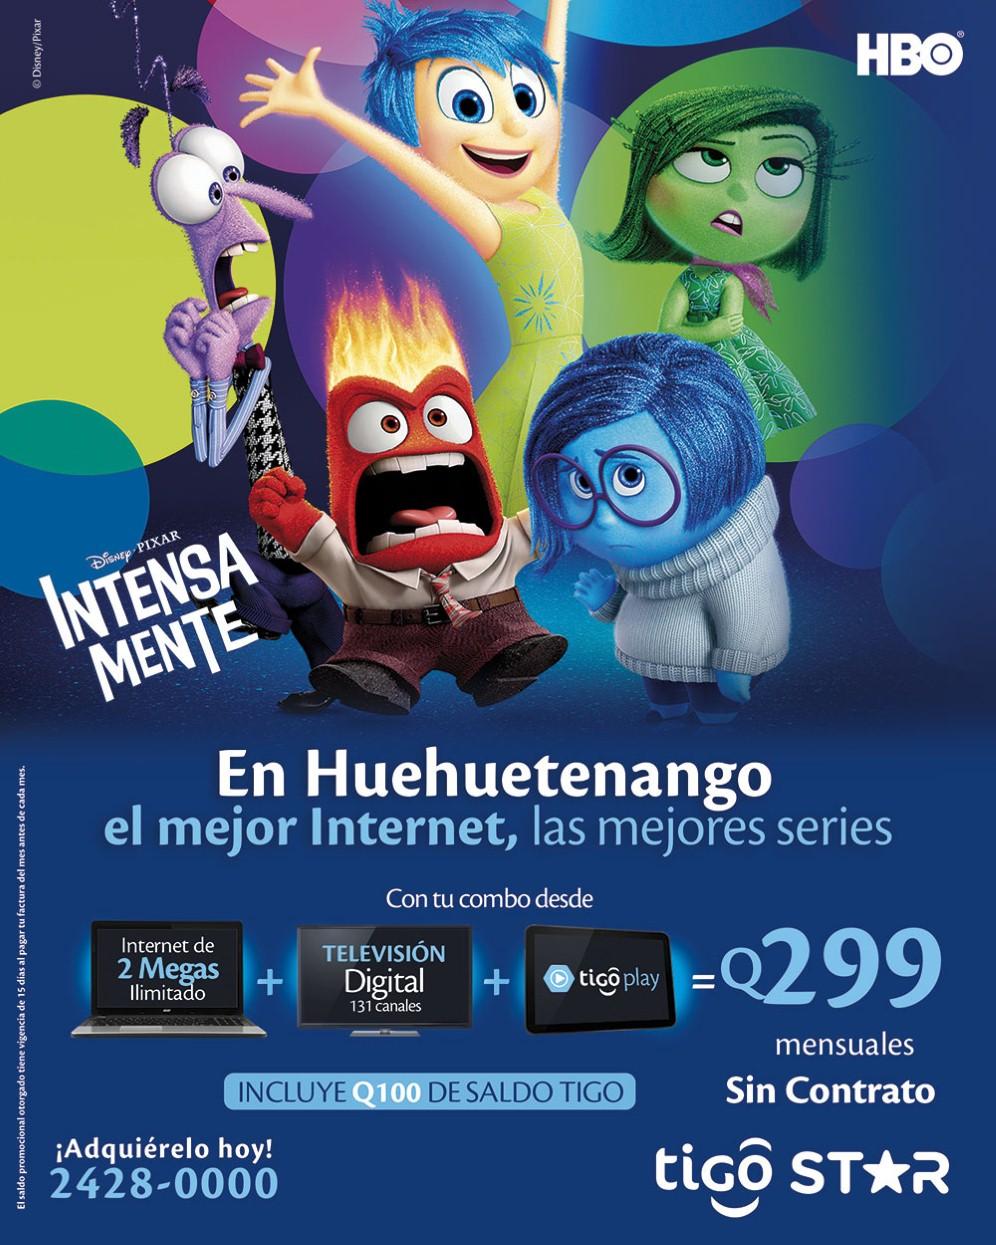 Una Nueva Era Empieza En Huehuetenango Con Tigo Star